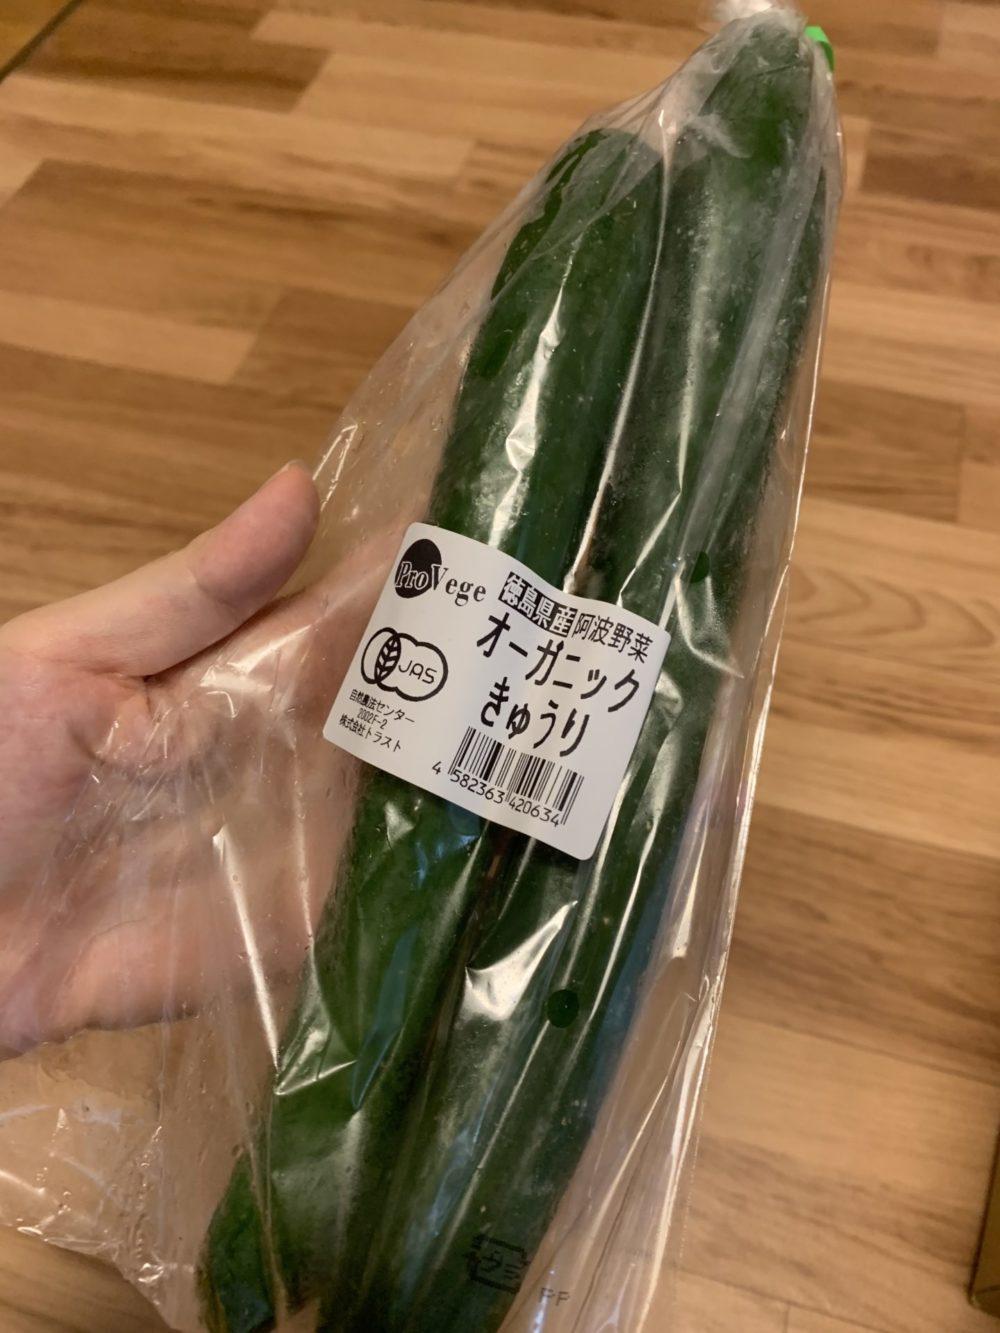 坂ノ途中 Sサイズで届いた夏野菜の評判レビュー